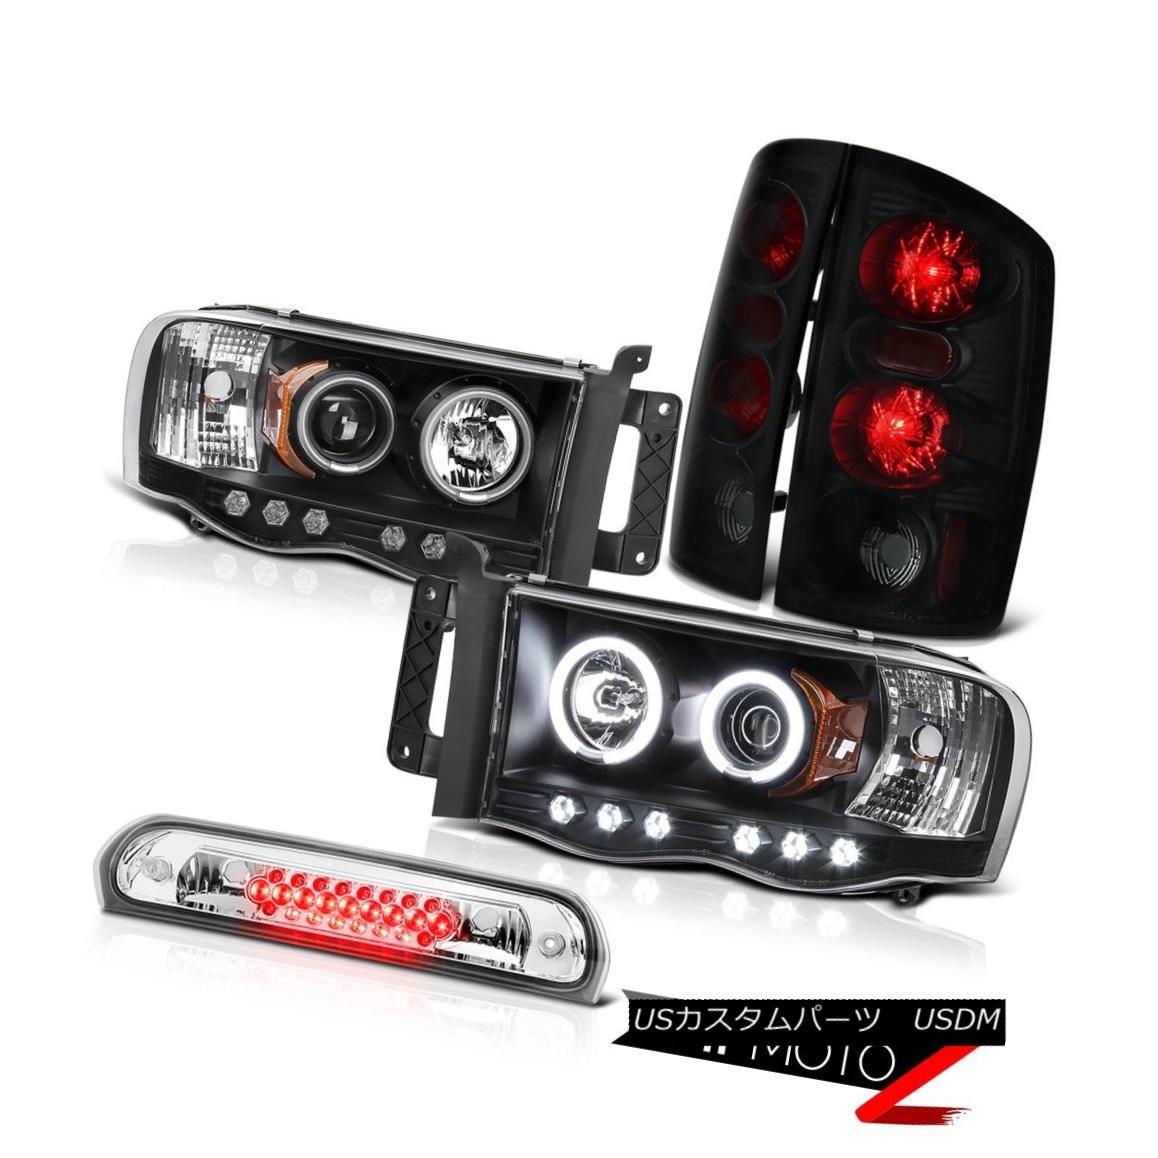 テールライト 2X Black CCFL Projector Smoke Tail Lamps Euro Third Brake LED 02-05 Dodge Ram 2XブラックCCFLプロジェクター煙テールランプユーロ第3ブレーキLED 02-05 Dodge Ram